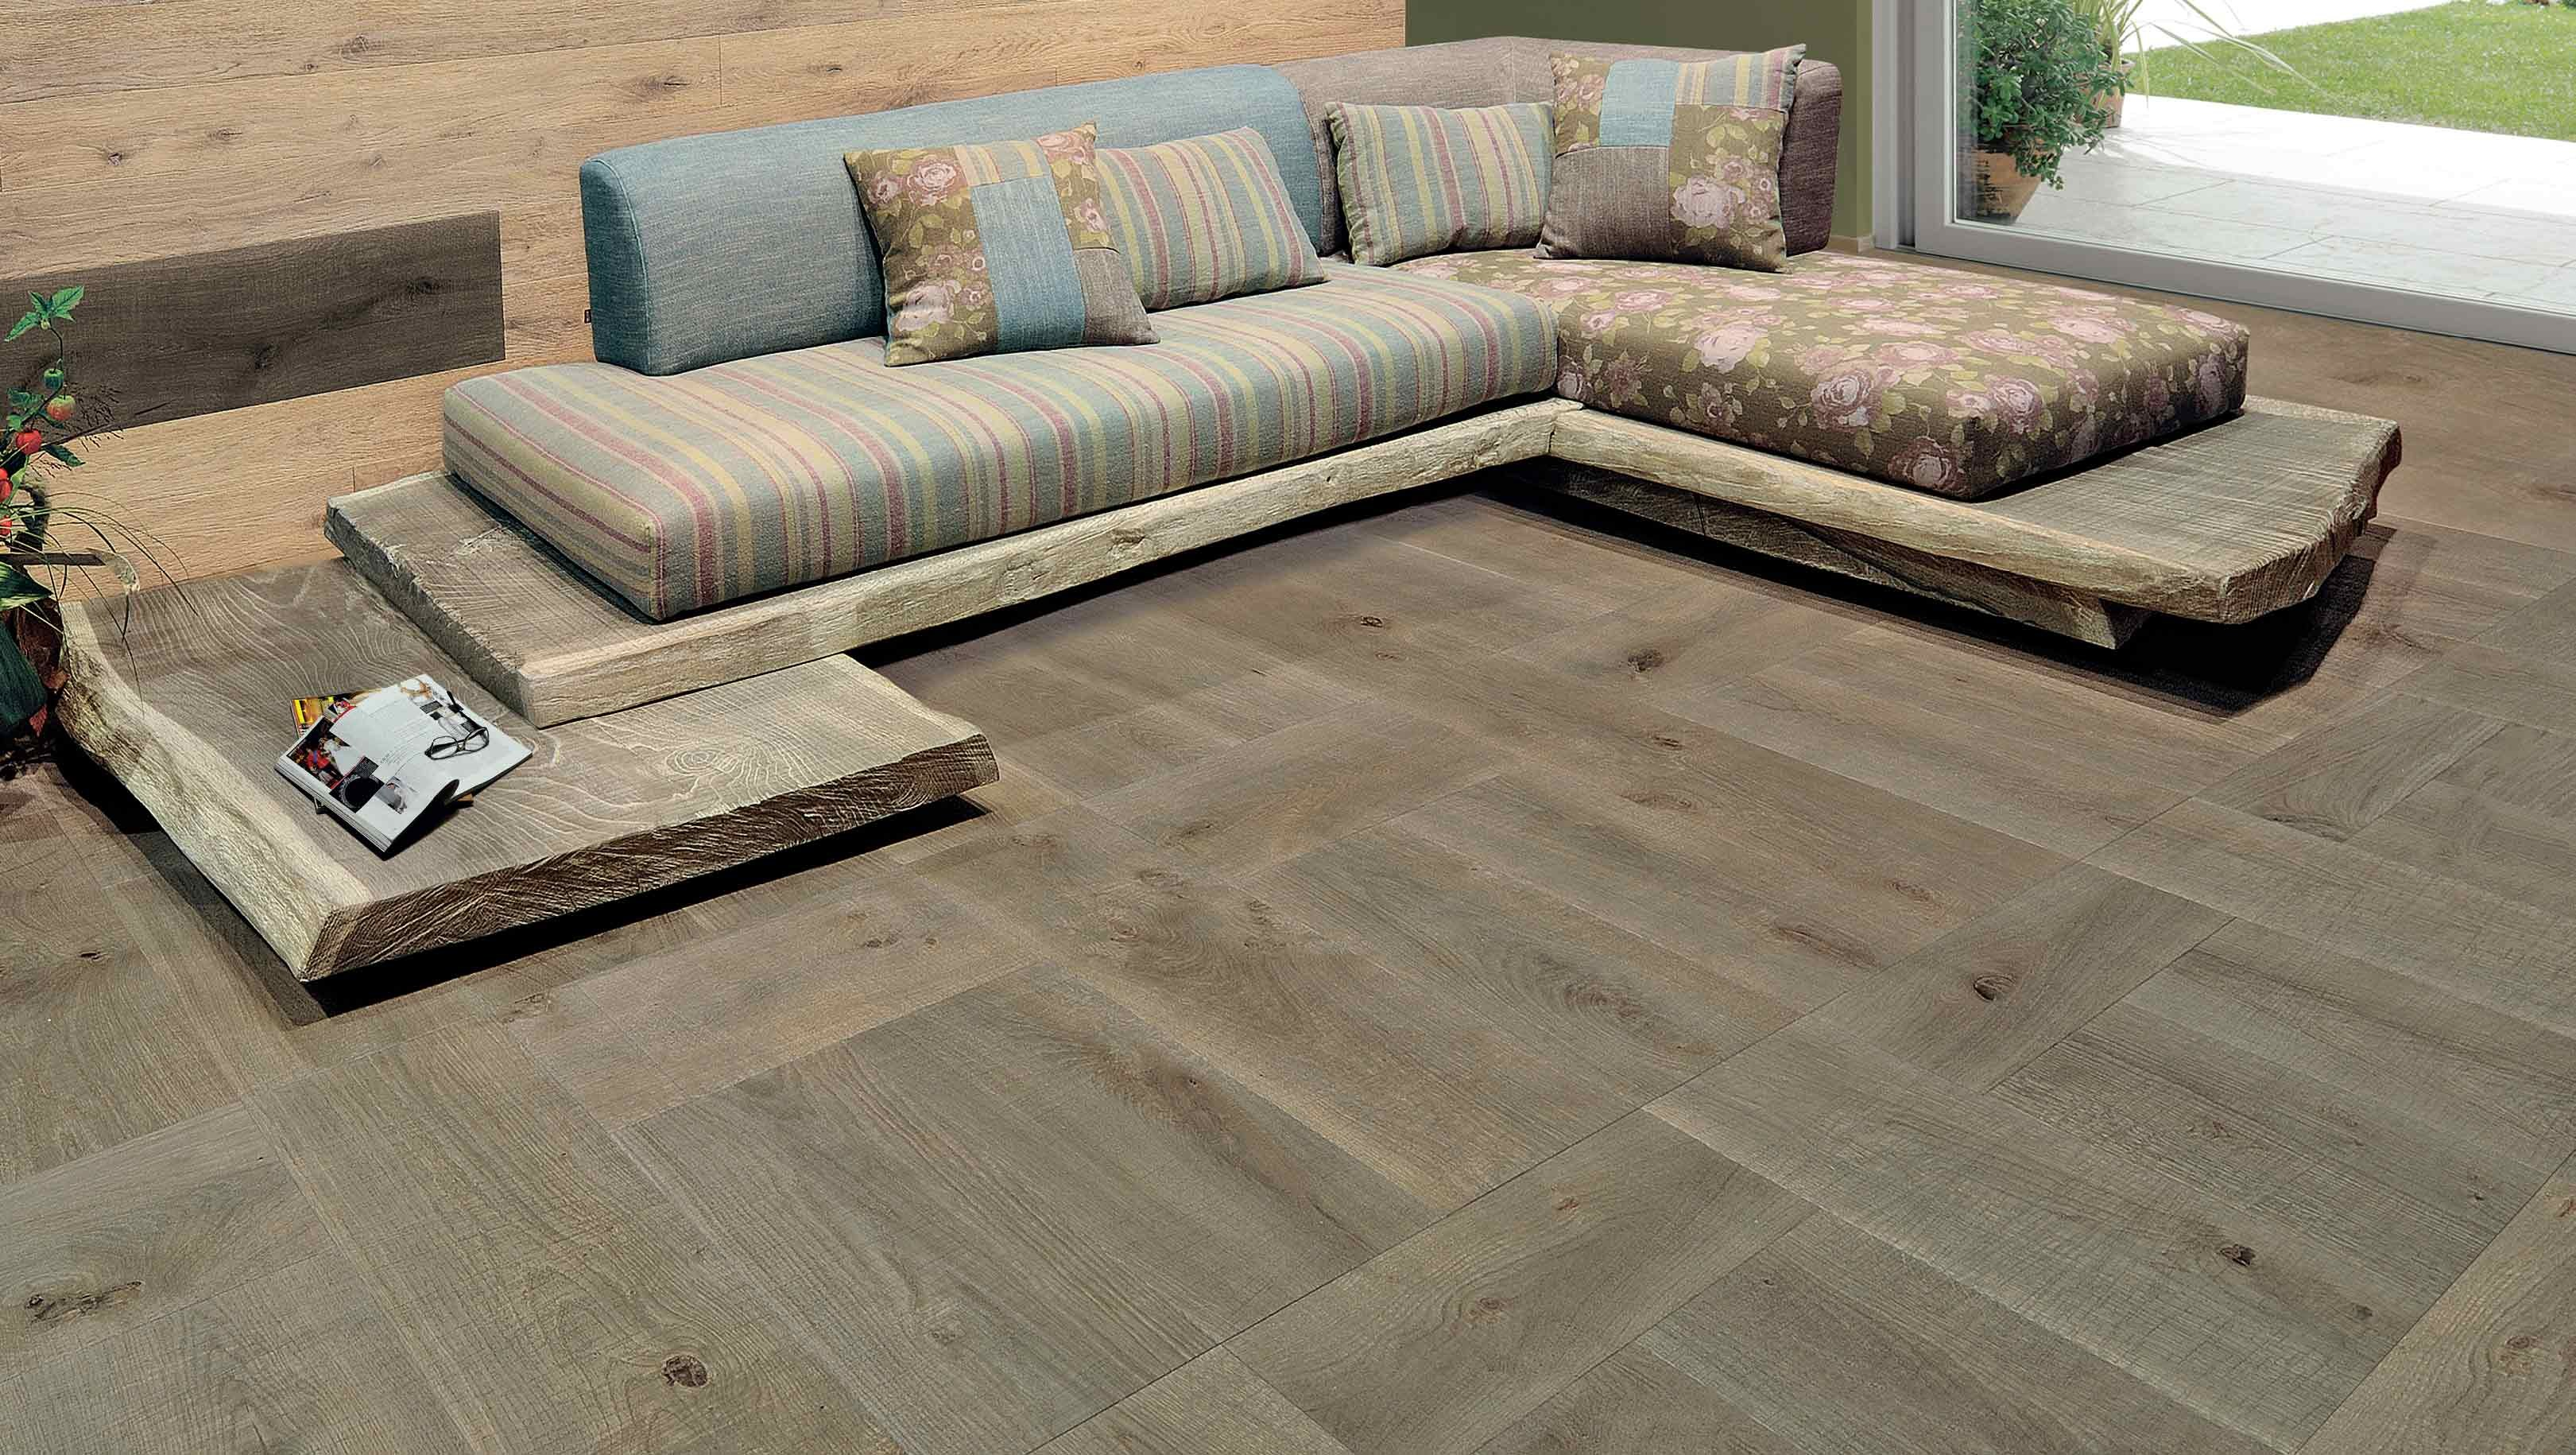 NUVOLA Pavimento in legno by CADORIN GROUP design Cadorin Group